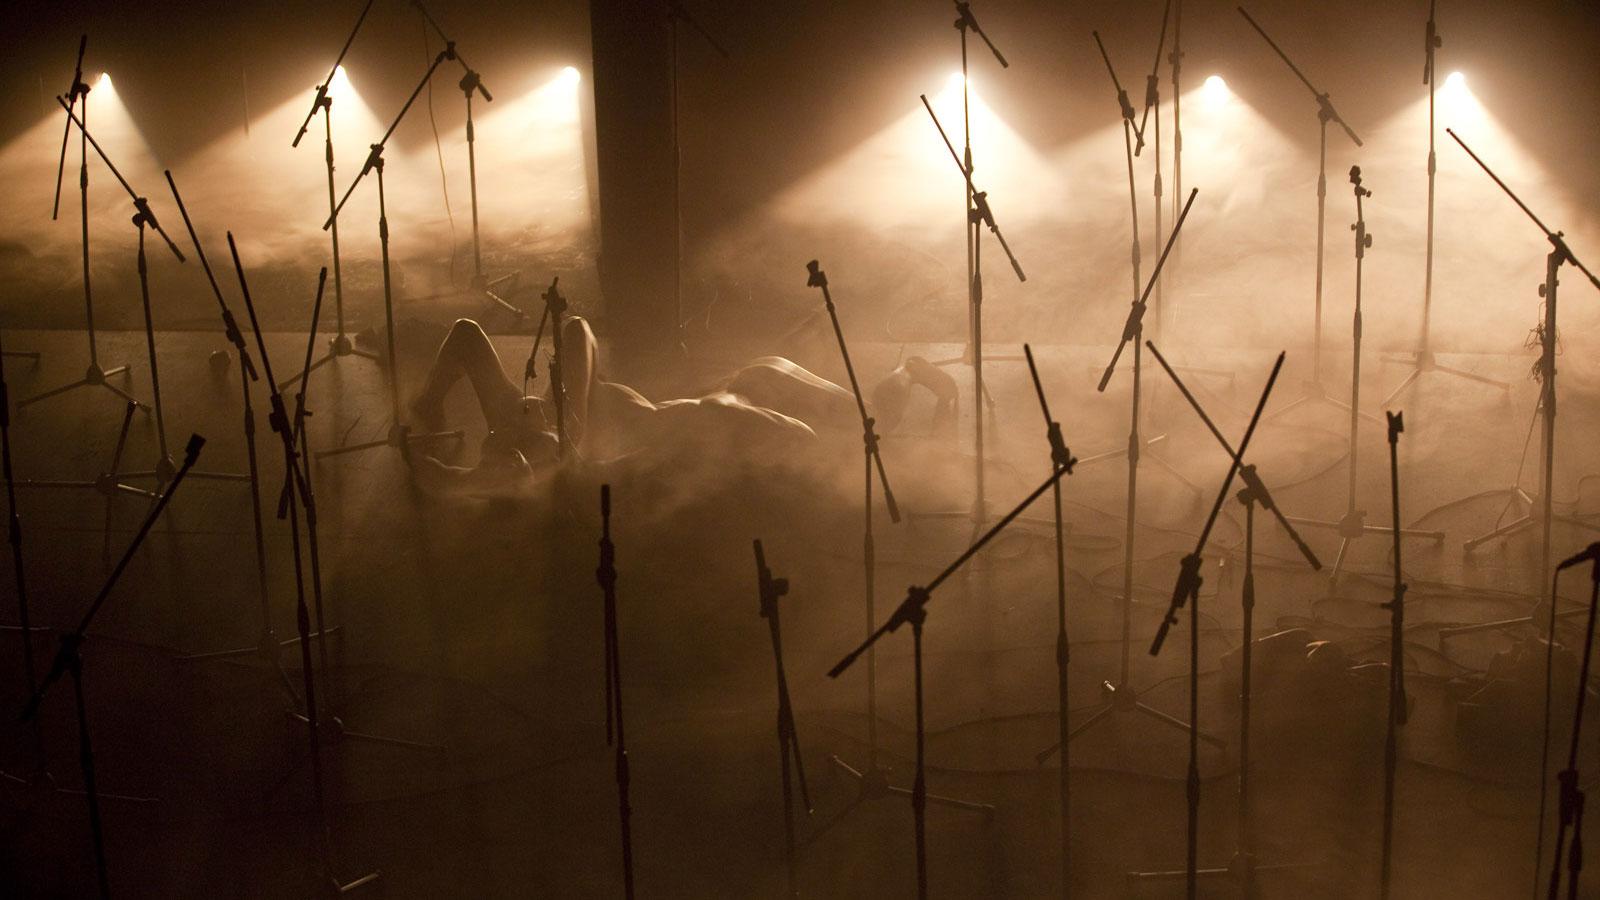 Tutto ciò che è grande è nella tempesta, regia Andrea De Rosa, 2011 ©Marco Ghidelli